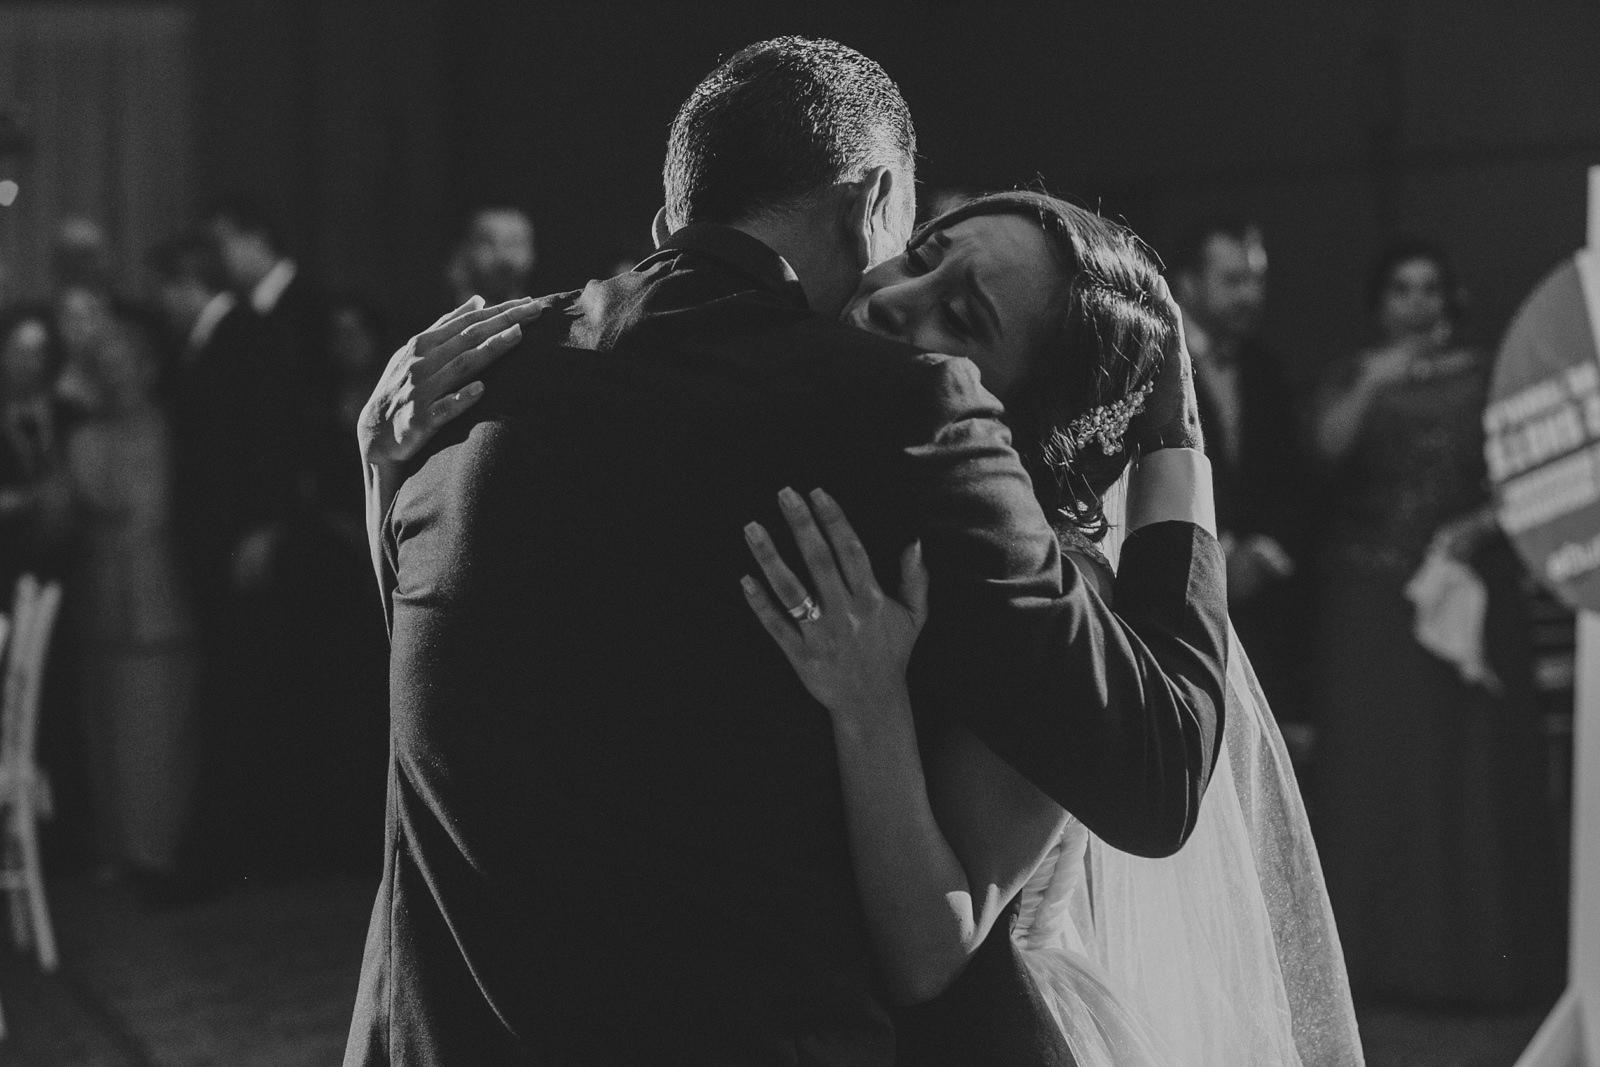 armando-aragon-fotografo-de-bodas-039